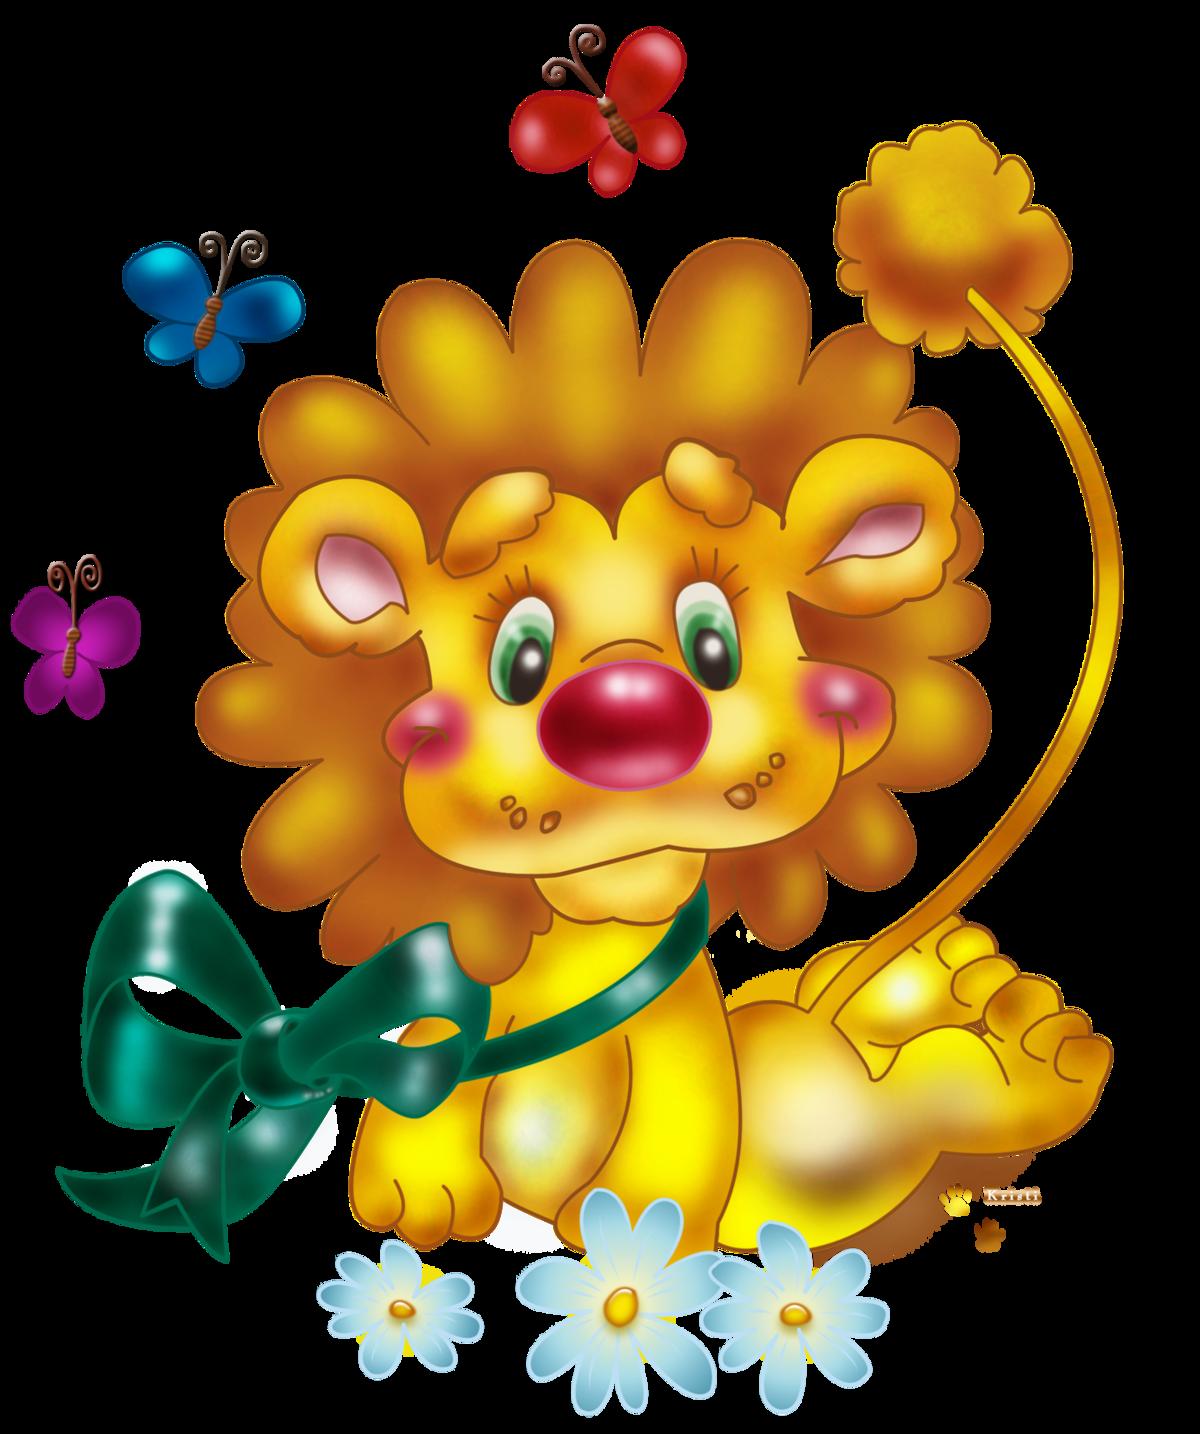 Аву, открытки львенок с днем рождения